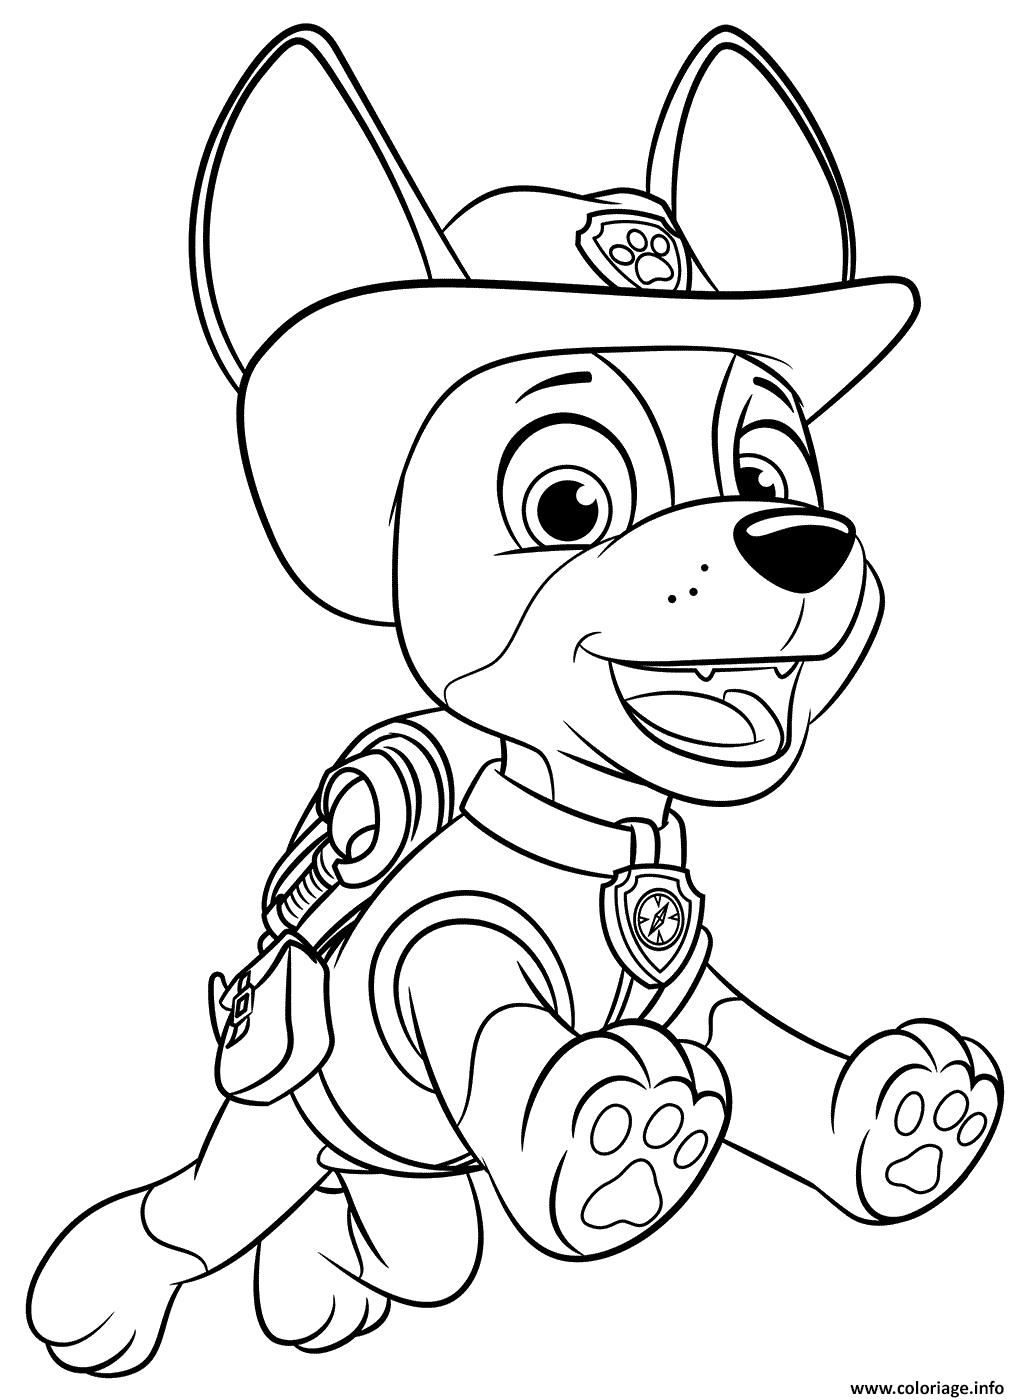 Coloriage Pat Patrouille Jungle Pup Tracker Dessin Pat ...